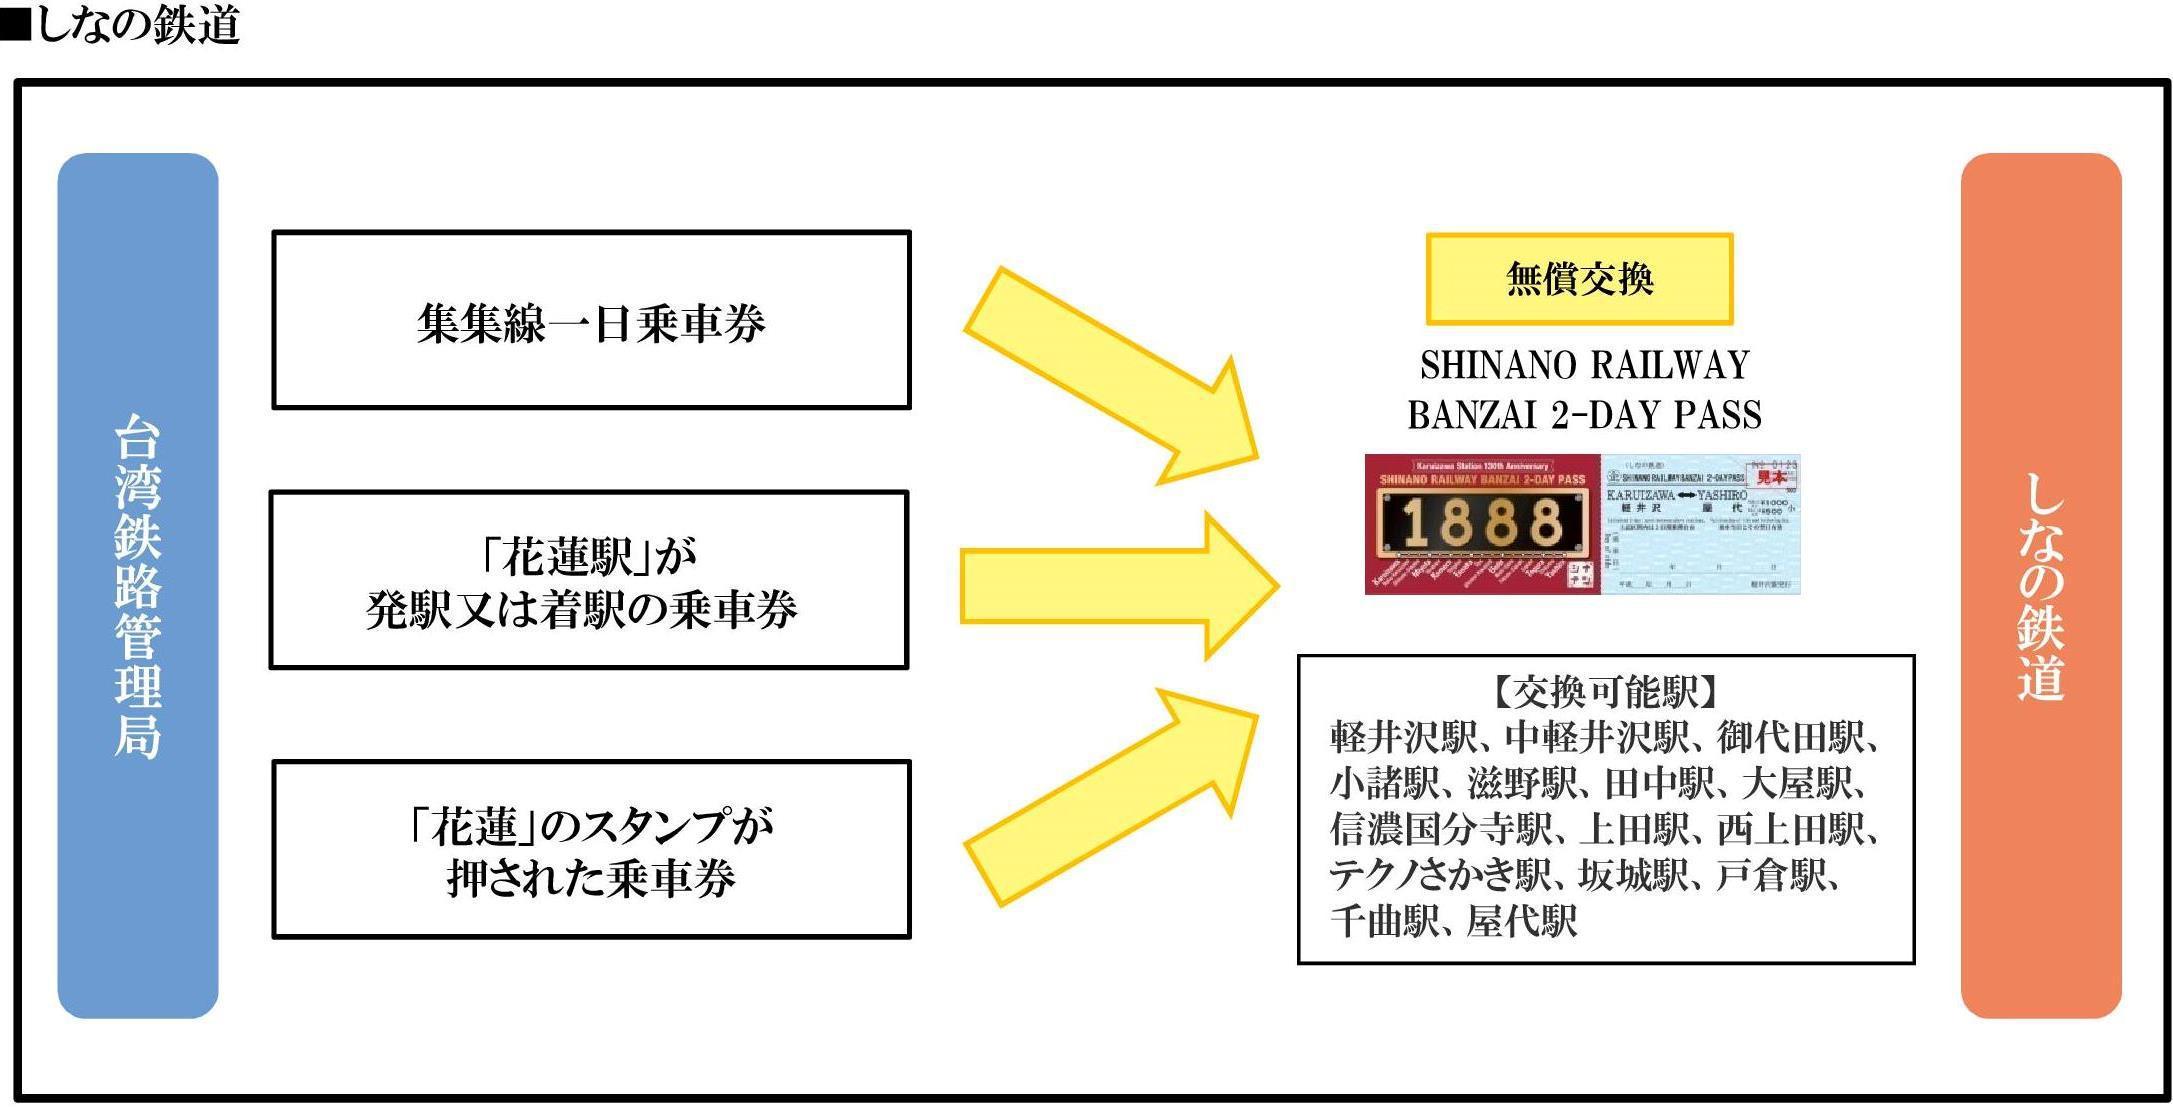 201805_taitestu_joshaken_koryu1.jpg